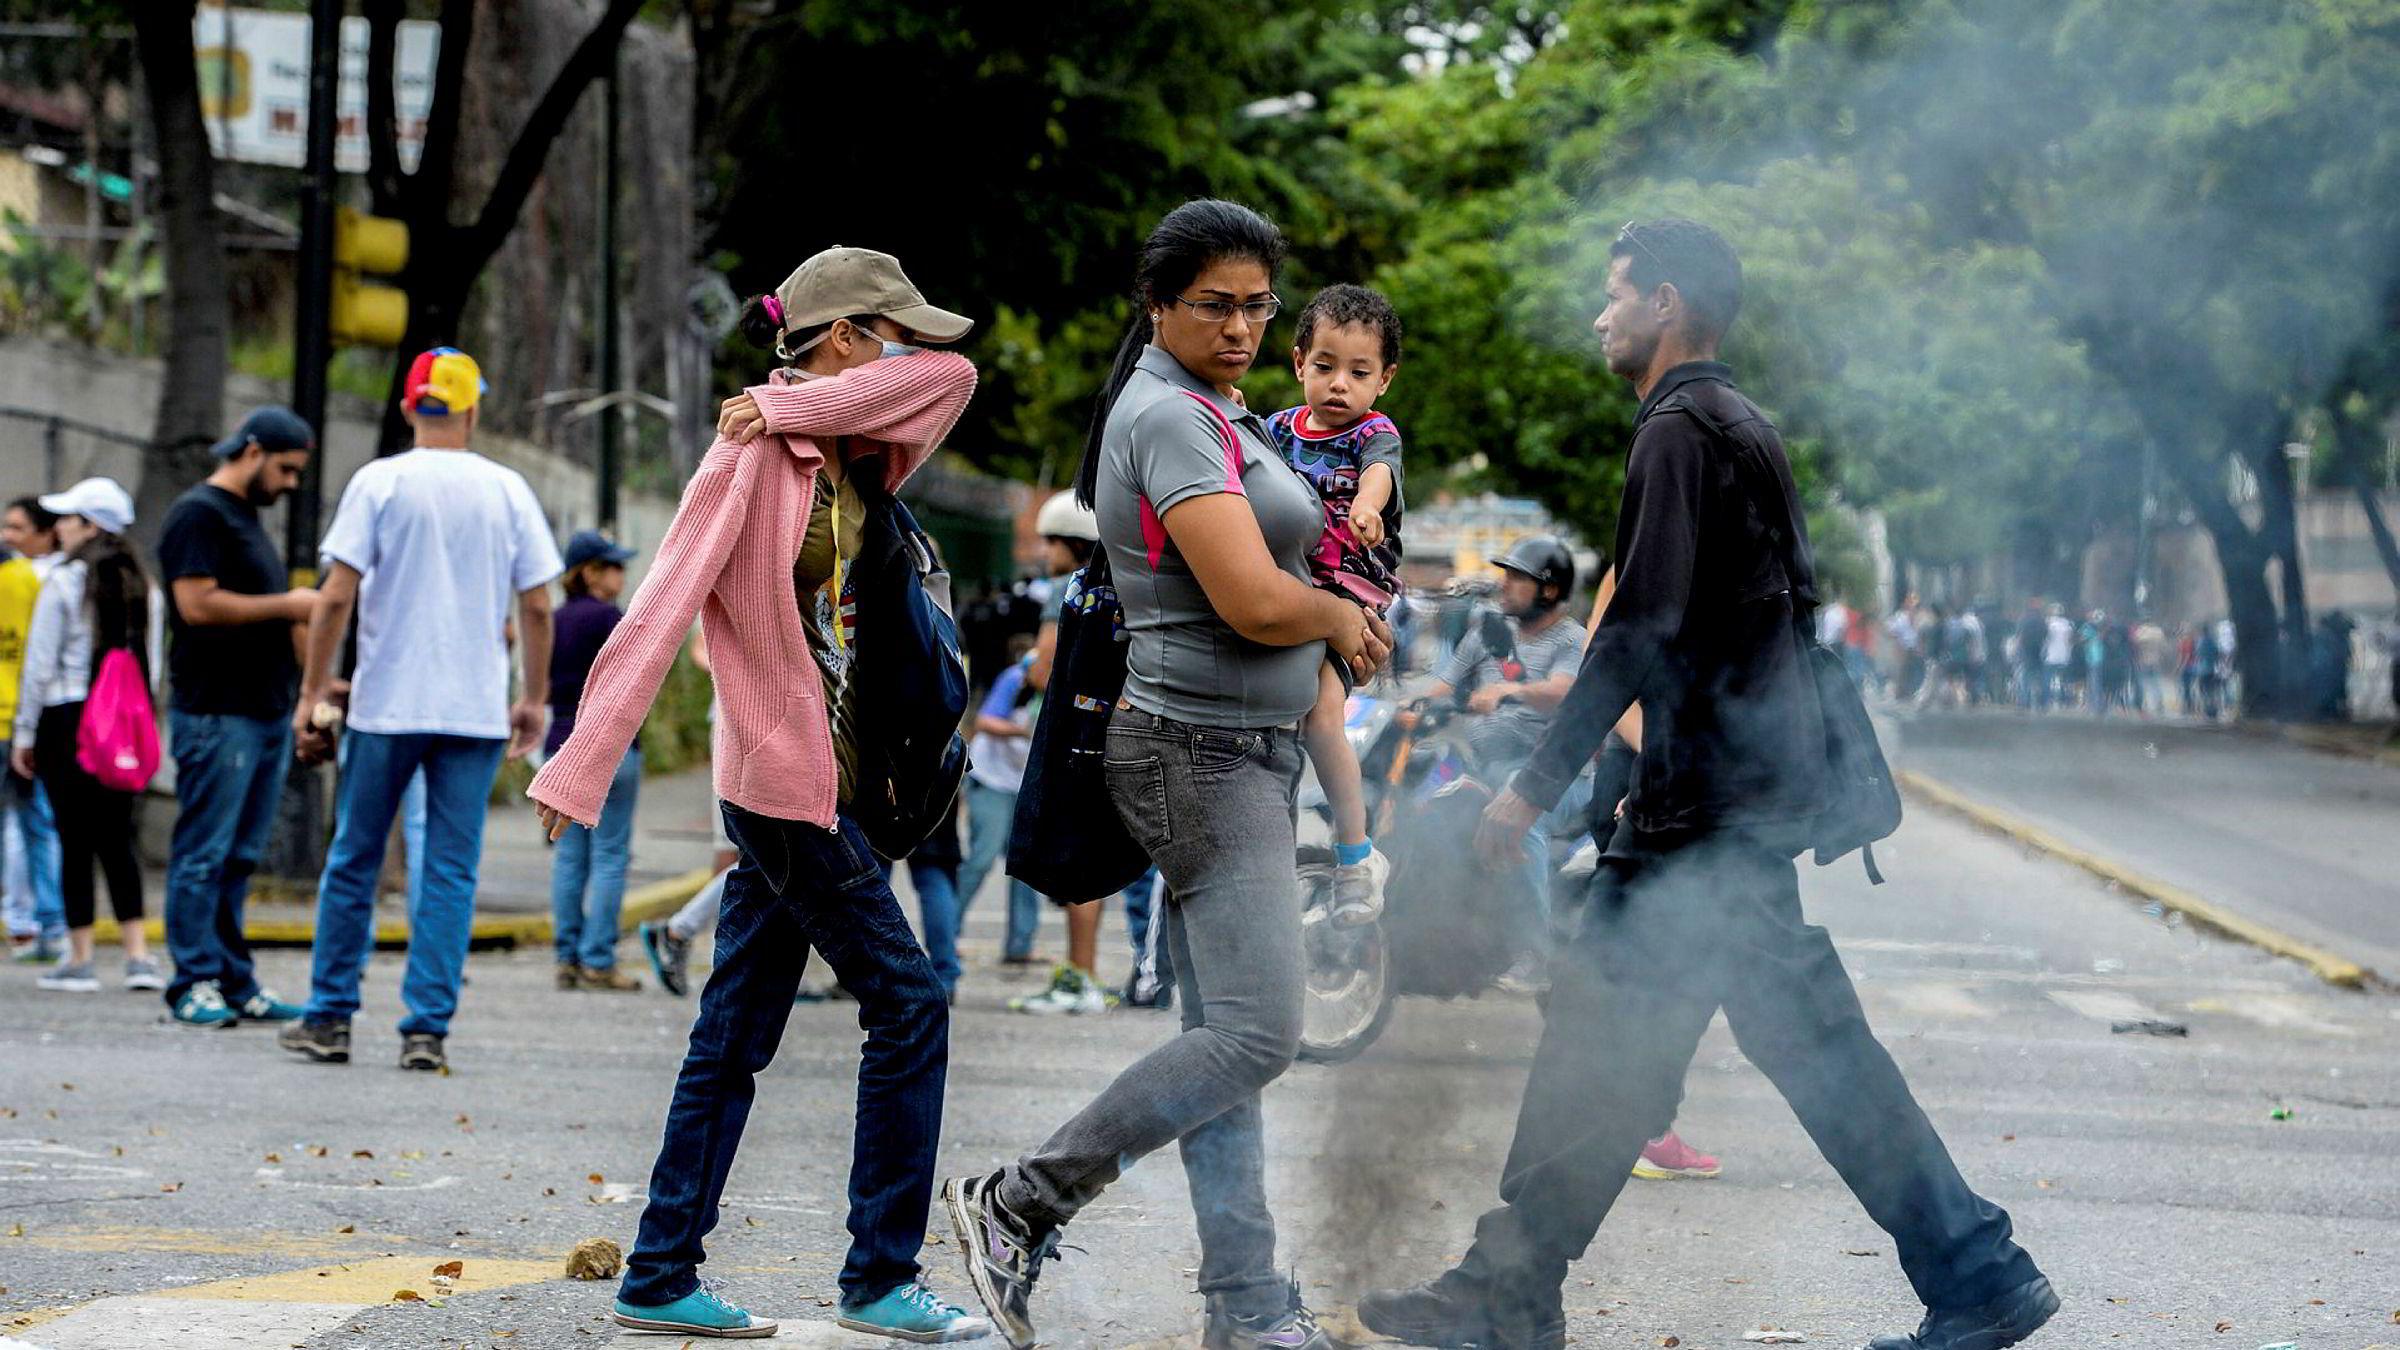 «Mat- og medisinmangelen er blitt så alvorlig at vi må regne med å høre uhyggelige, men kjente, skrekkhistorier når despoten omsider blir styrtet» skriver kronikkforfatteren, med henvisning til Venezuela og landets president Nicolás Maduro. Bildet er fra en demonstrasjon mot Maduro i Caracas i mai i år.